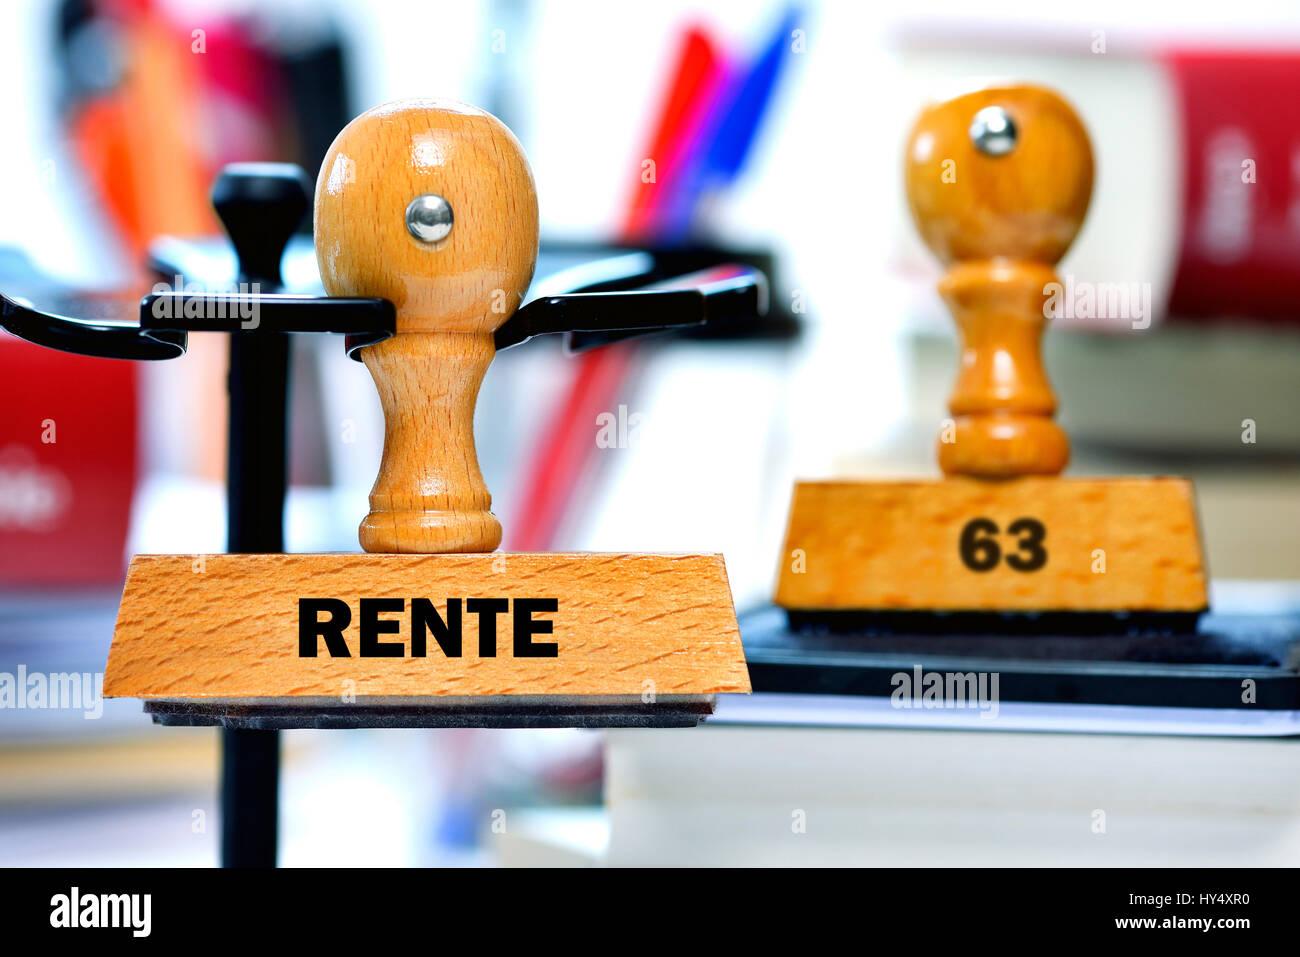 Stamp with the label Pension and 63, Stempel mit der Aufschrift Rente und 63 Stock Photo